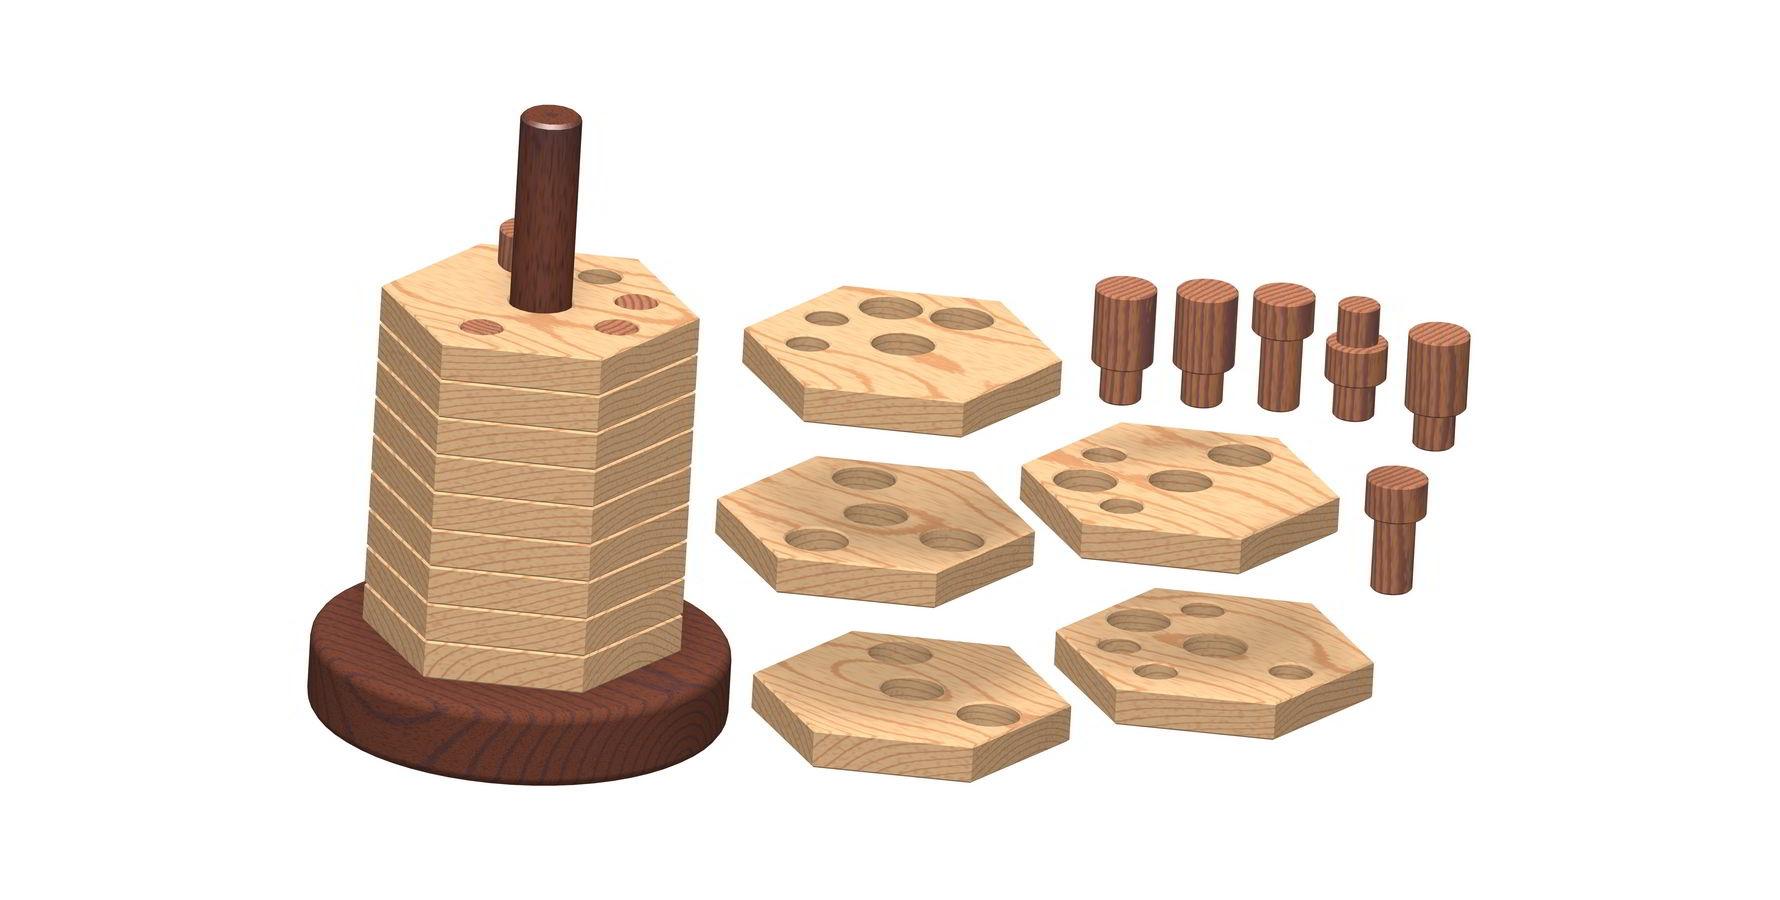 3d Wooden Puzzles 3d Wood Puzzle Plans